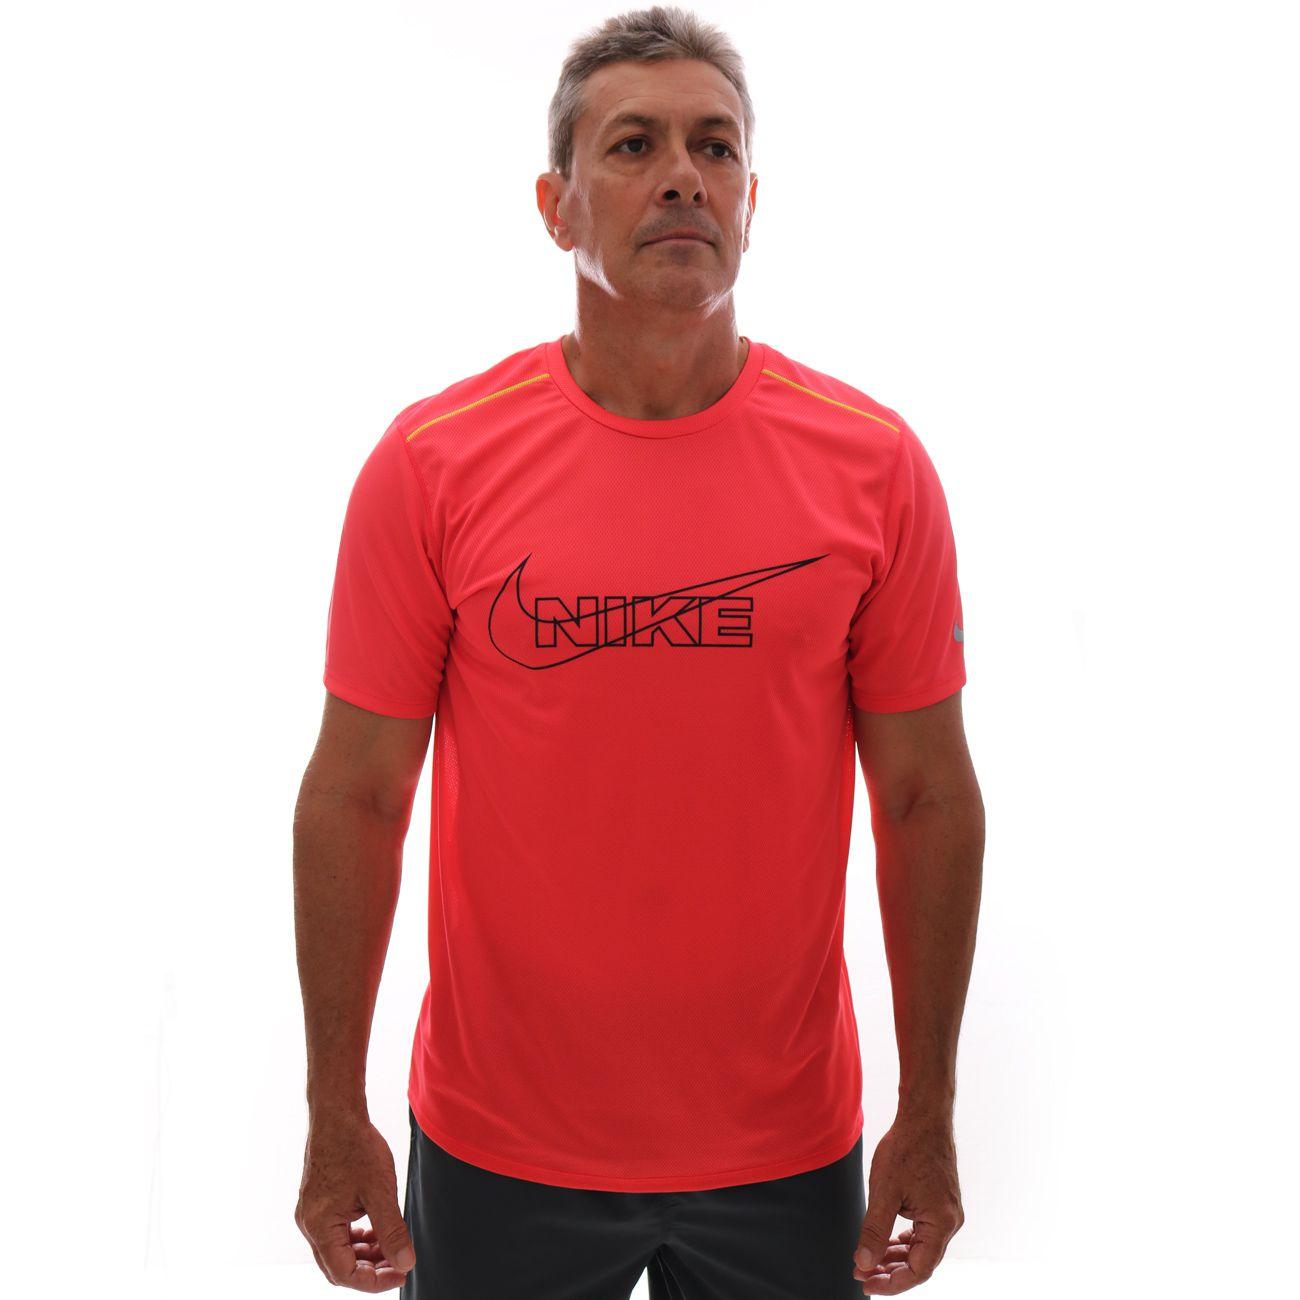 Camiseta Nike Running Top